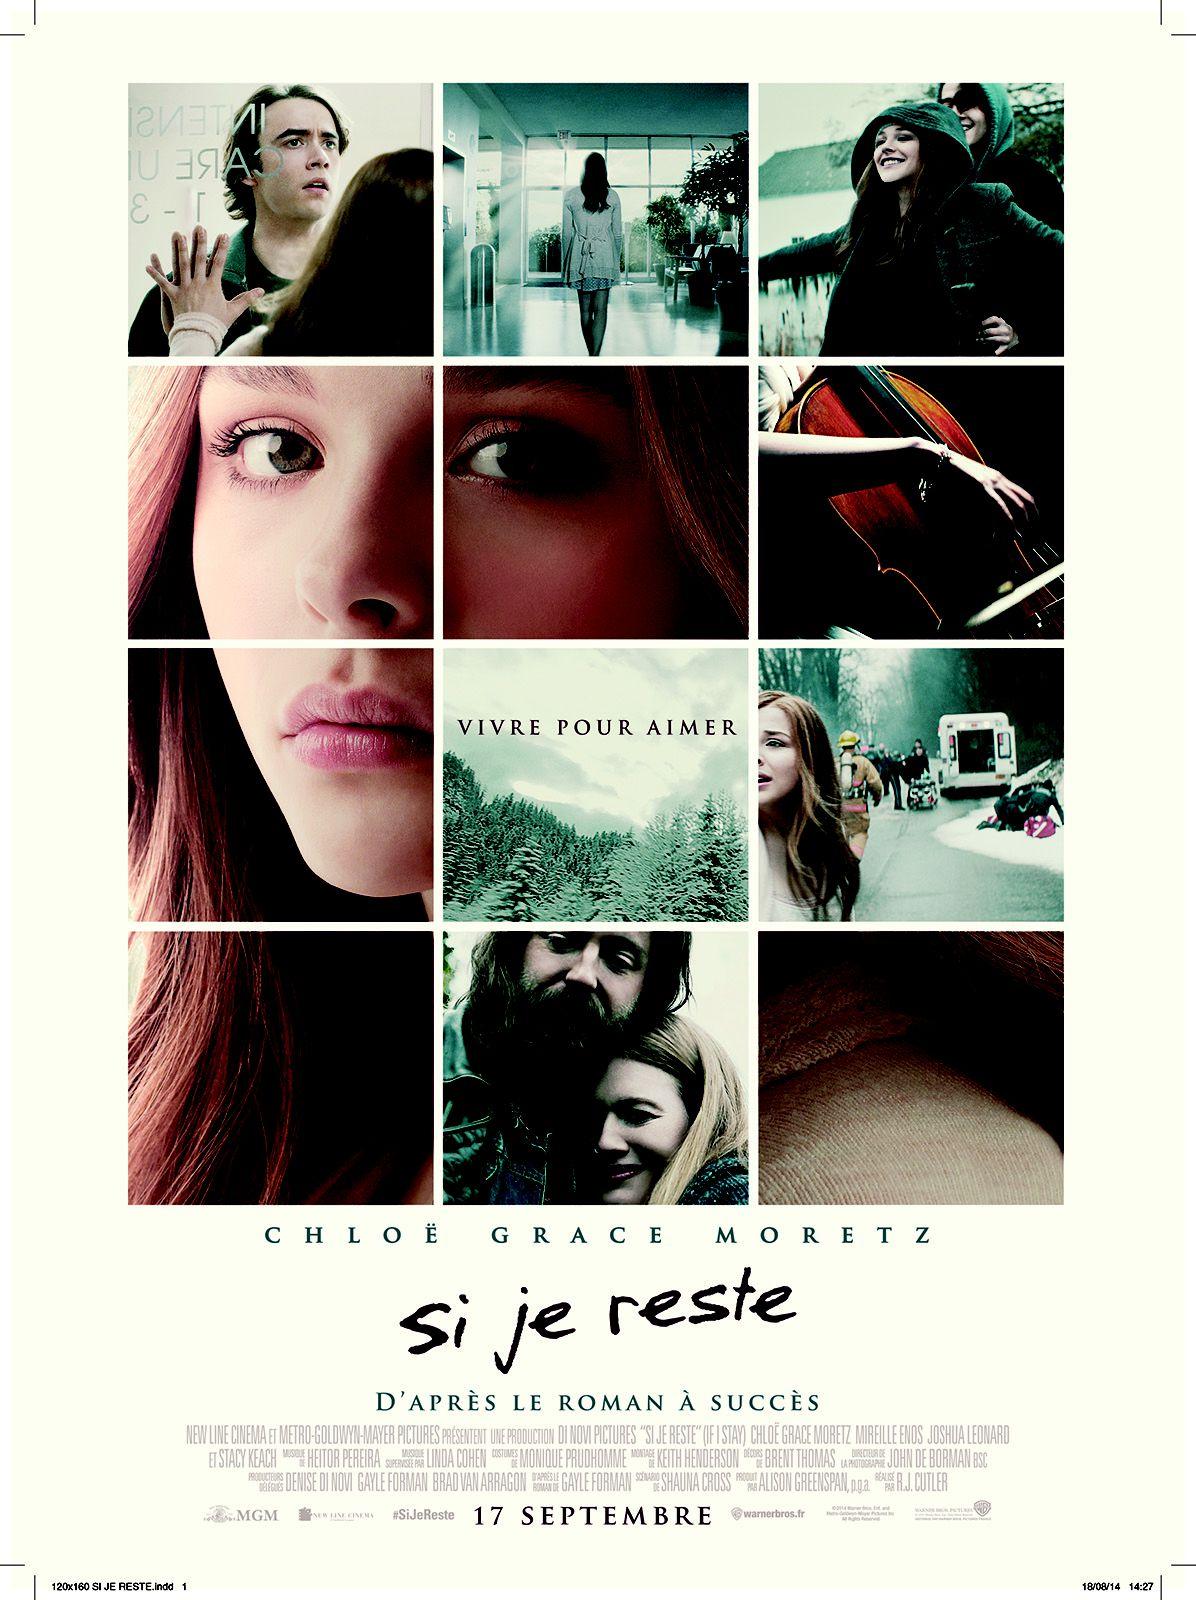 Si je reste - Film (2014)